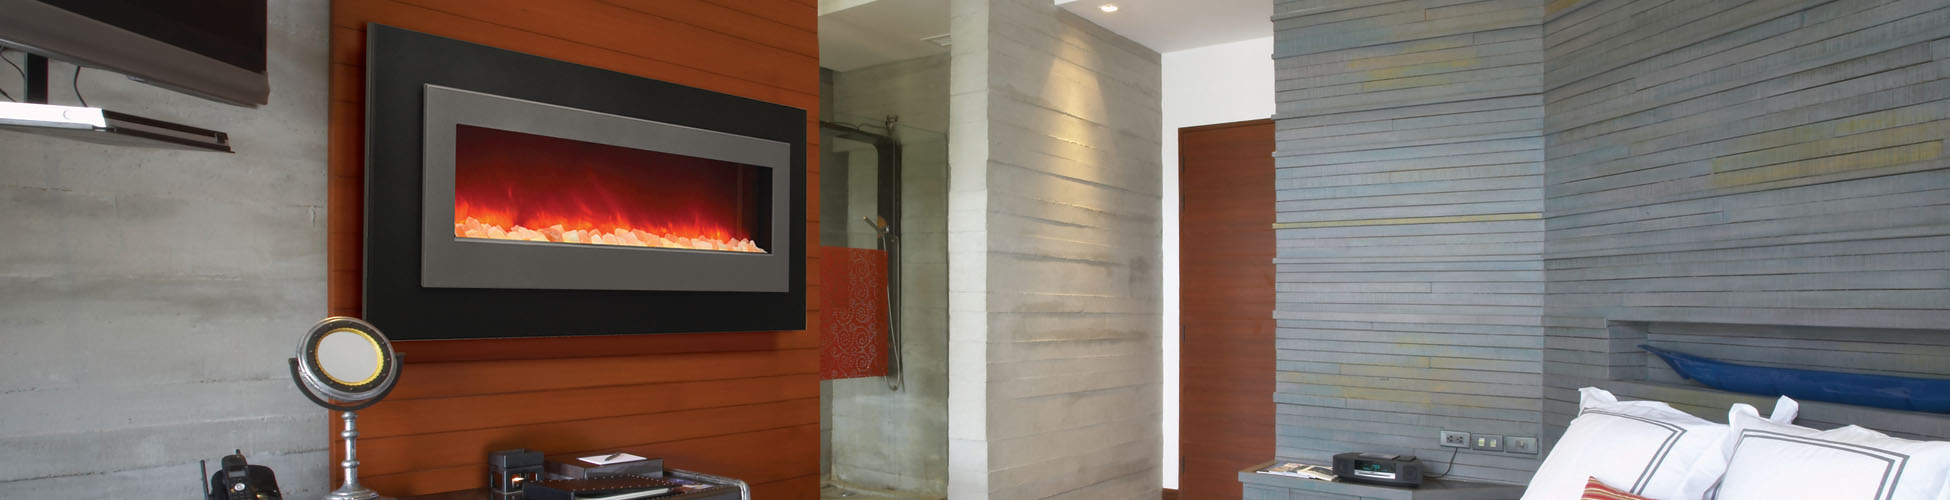 WM-FML-62 electric fireplace